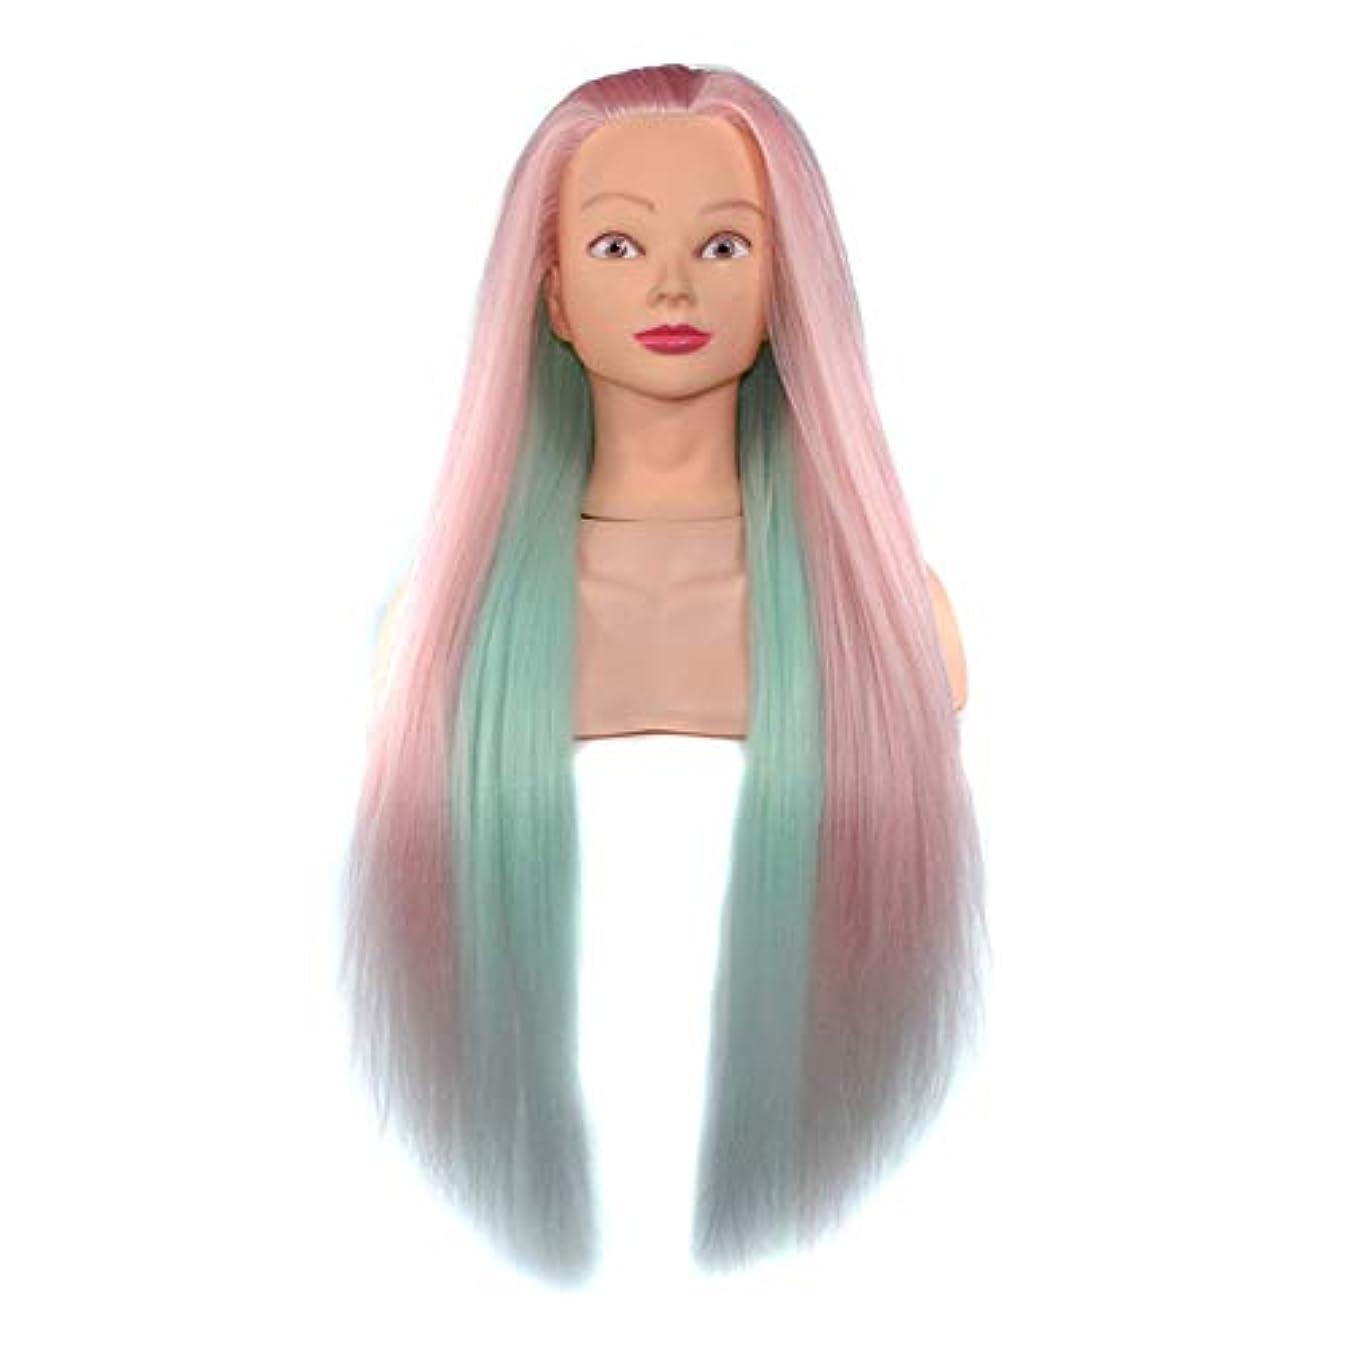 粉砕する共役誤解を招くヘアスタイリング練習ディスクヘア学習ヘッドモデル美容院高温ワイヤートレーニングヘッドマネキン人形ヘッド